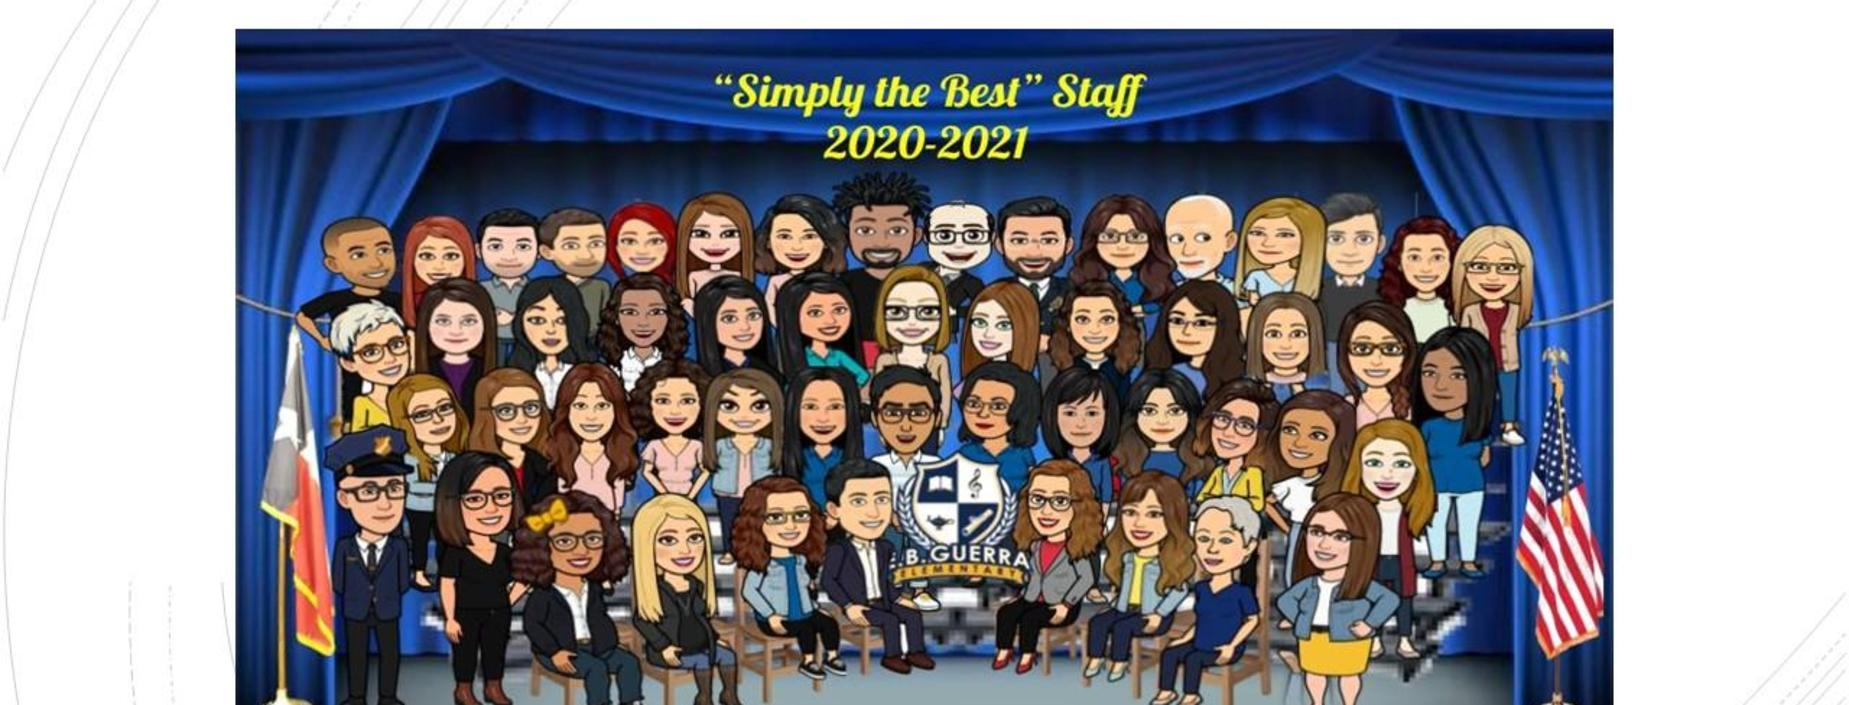 Guerra staff bitmoji picture